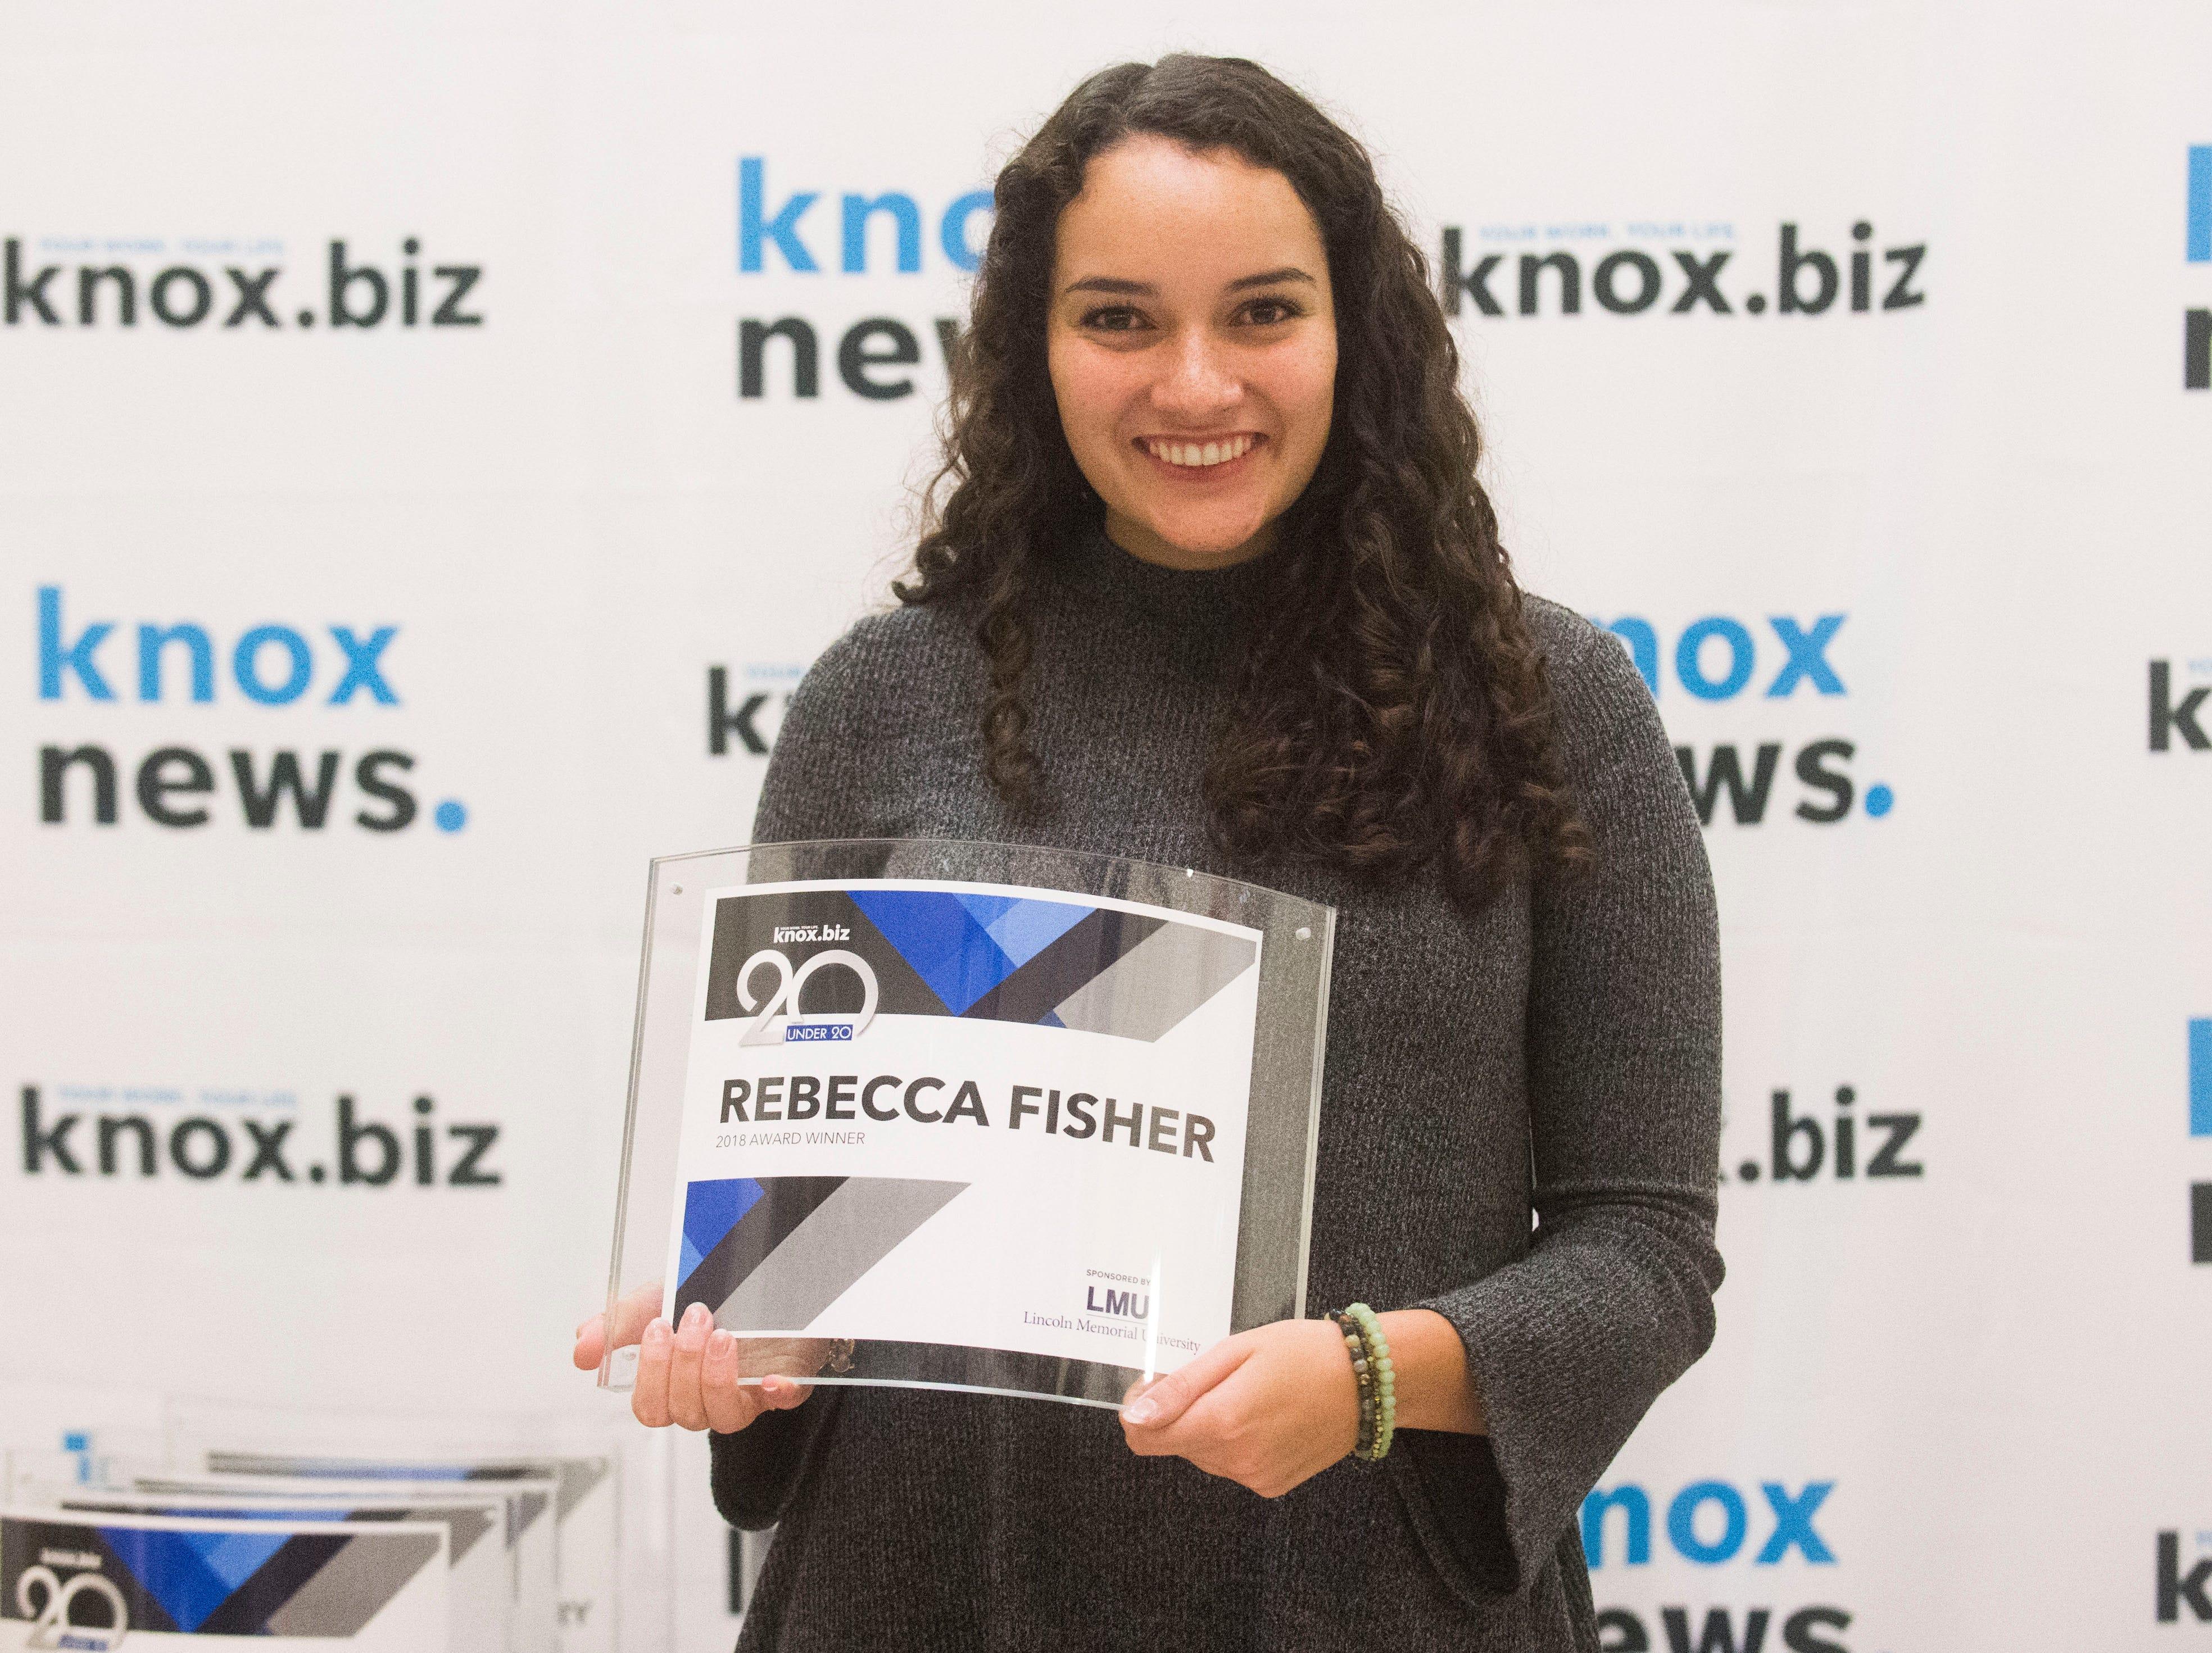 Rebecca Fisher, 20 under 20 award recipient.